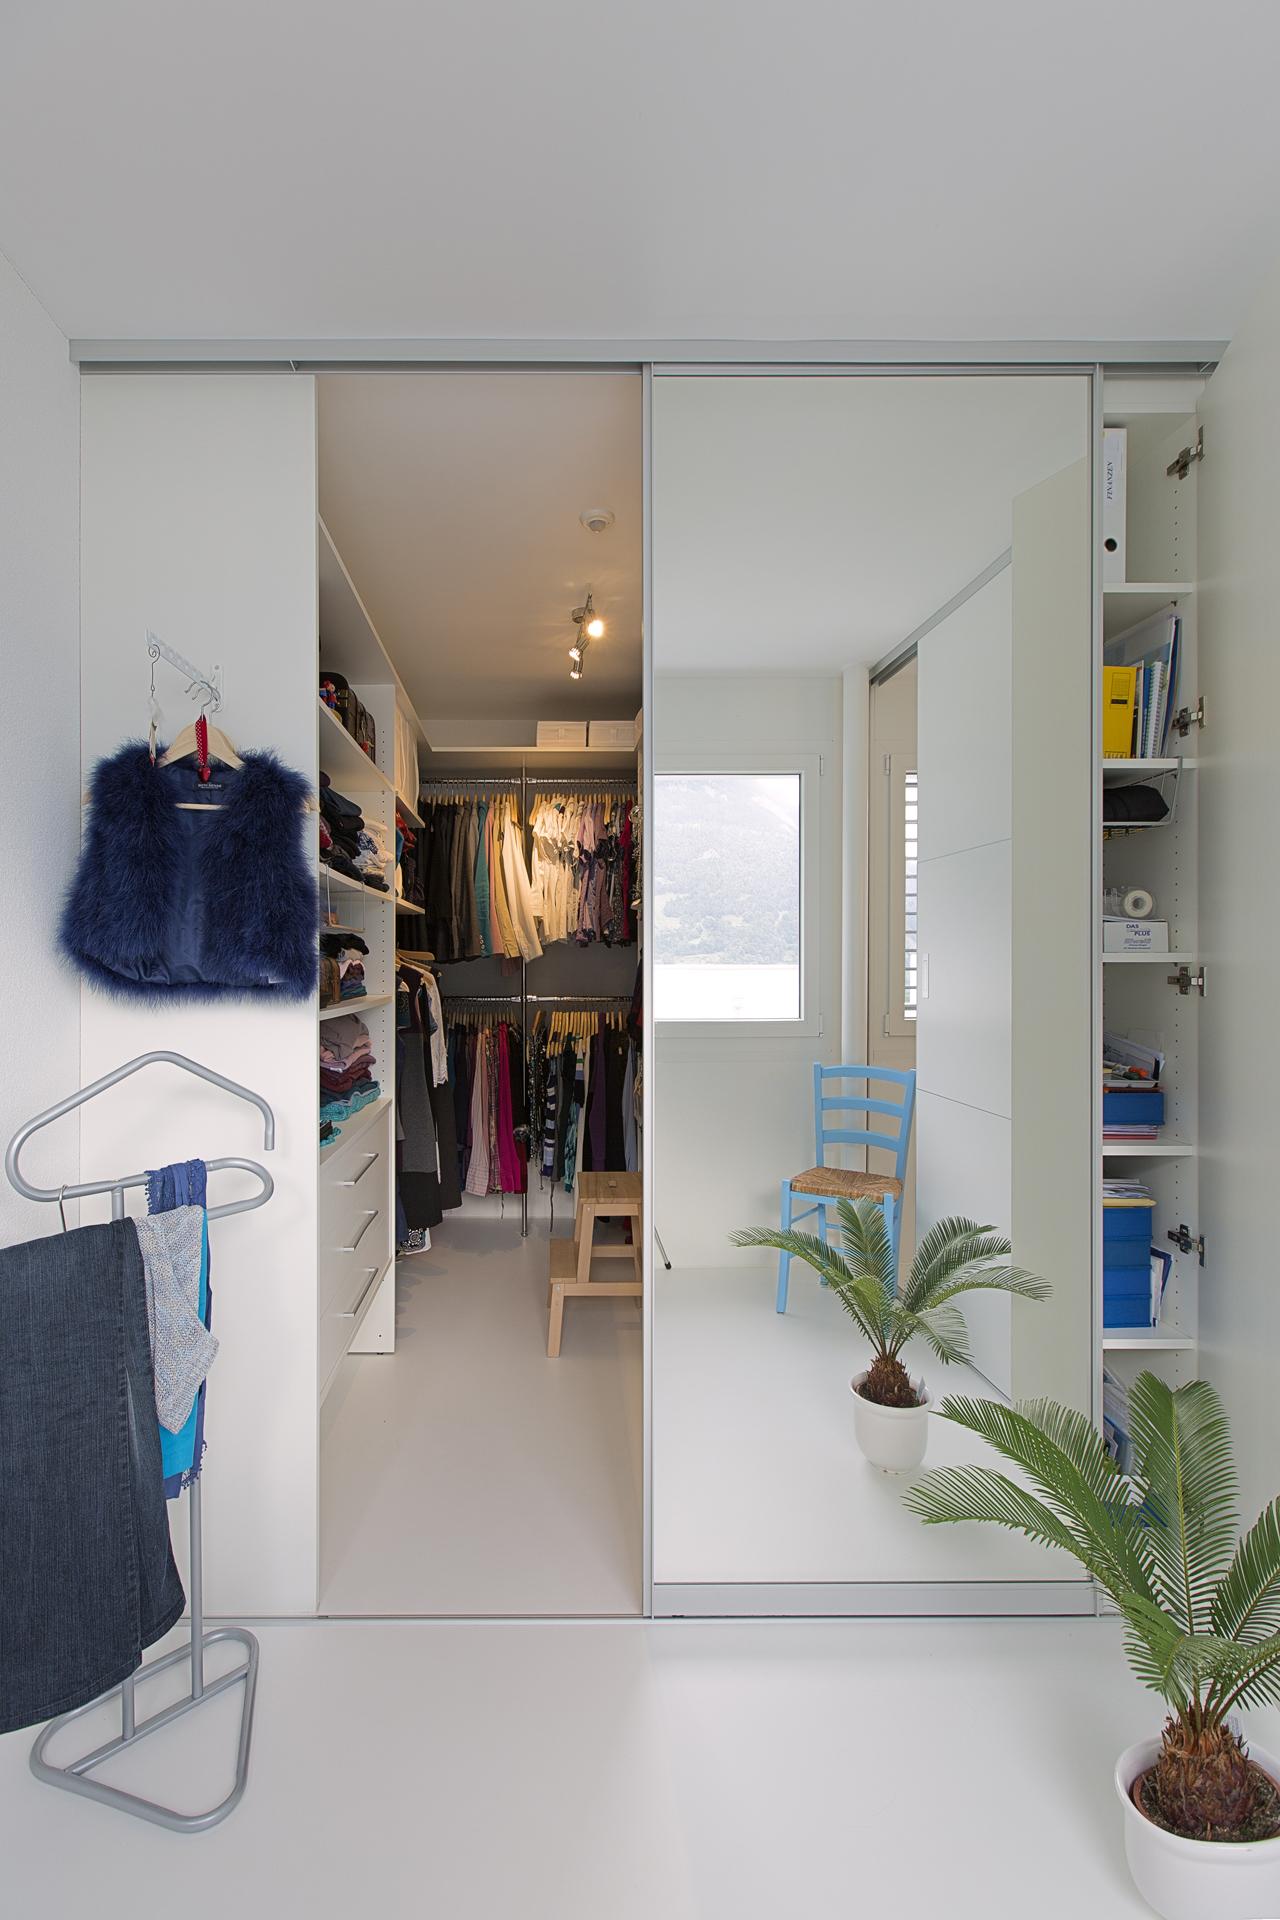 Eigenes Zimmer Für Ankleide Mit Spiegel Schiebetür Und Geschlossenem  Wandregal Mit Touch On Öffnung. «